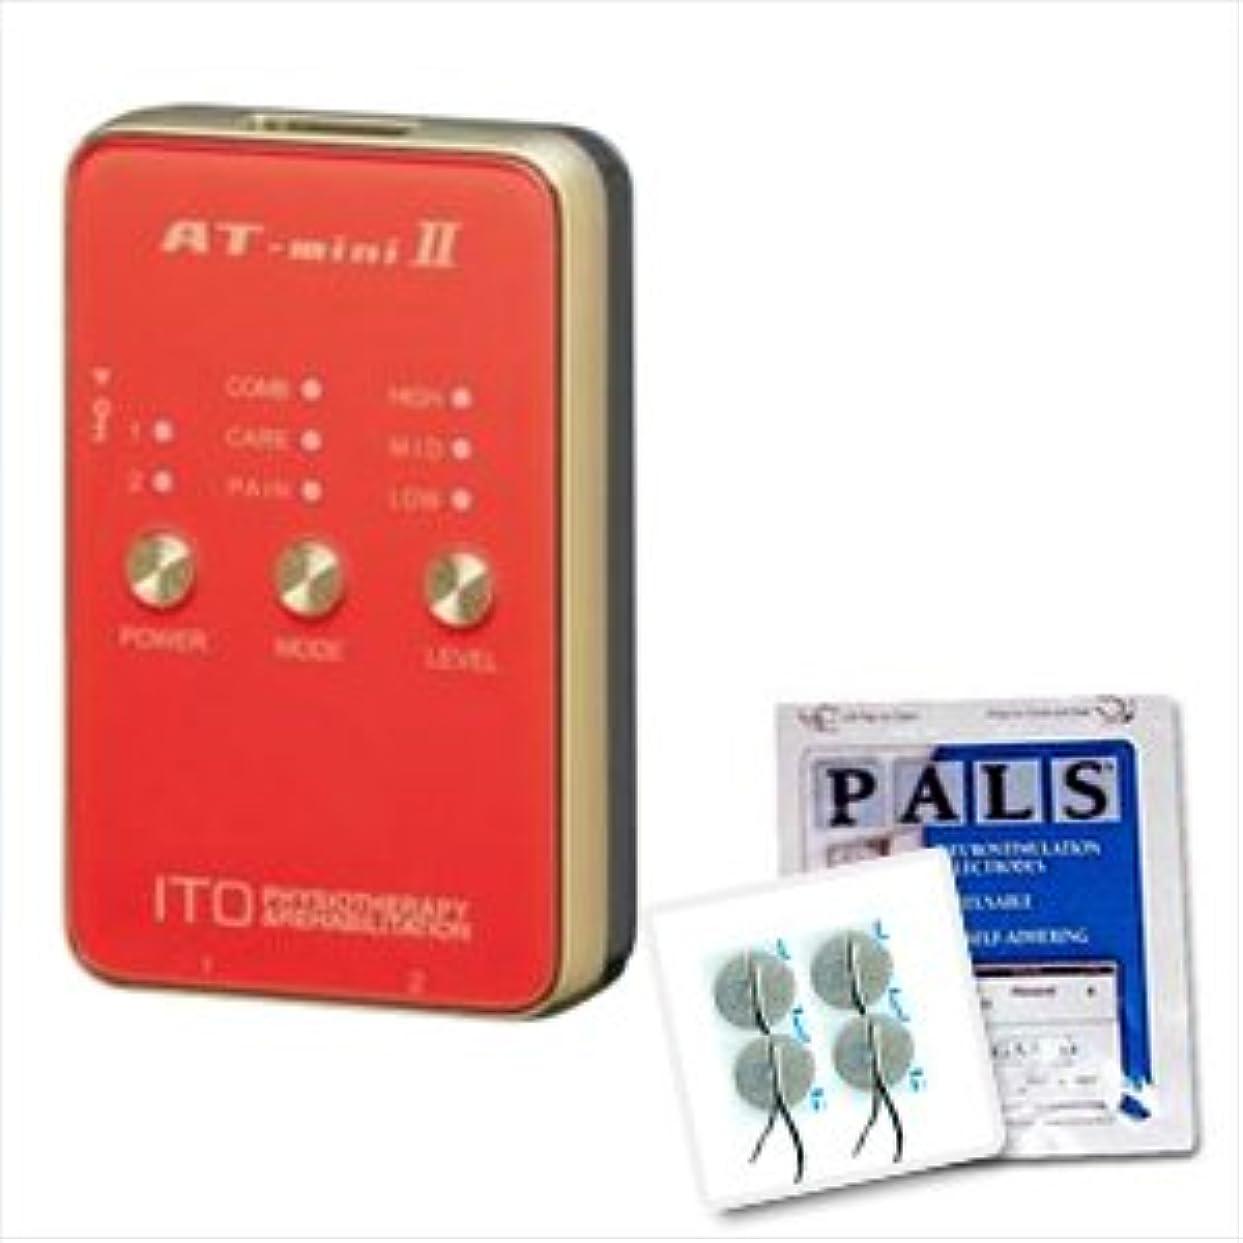 たとえエンジニア市民低周波治療器 AT-mini II オレンジ+アクセルガードSサイズ(円:直径3cm:1袋4枚入)セット